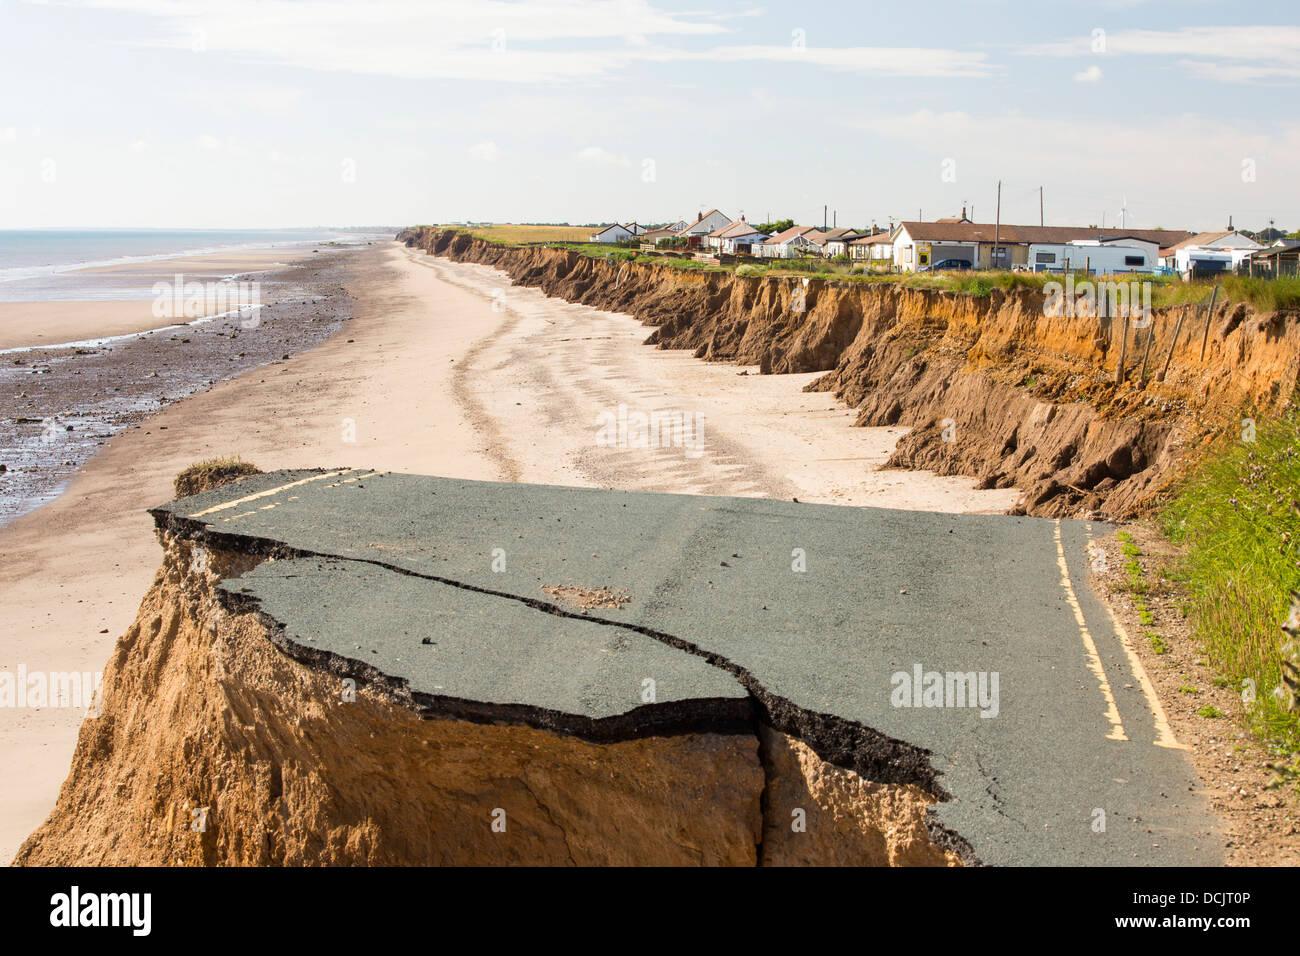 Une route côtière à Skipsea Ulrome entre et sur la côte Est, près de Yorkshires Skipsea, Photo Stock